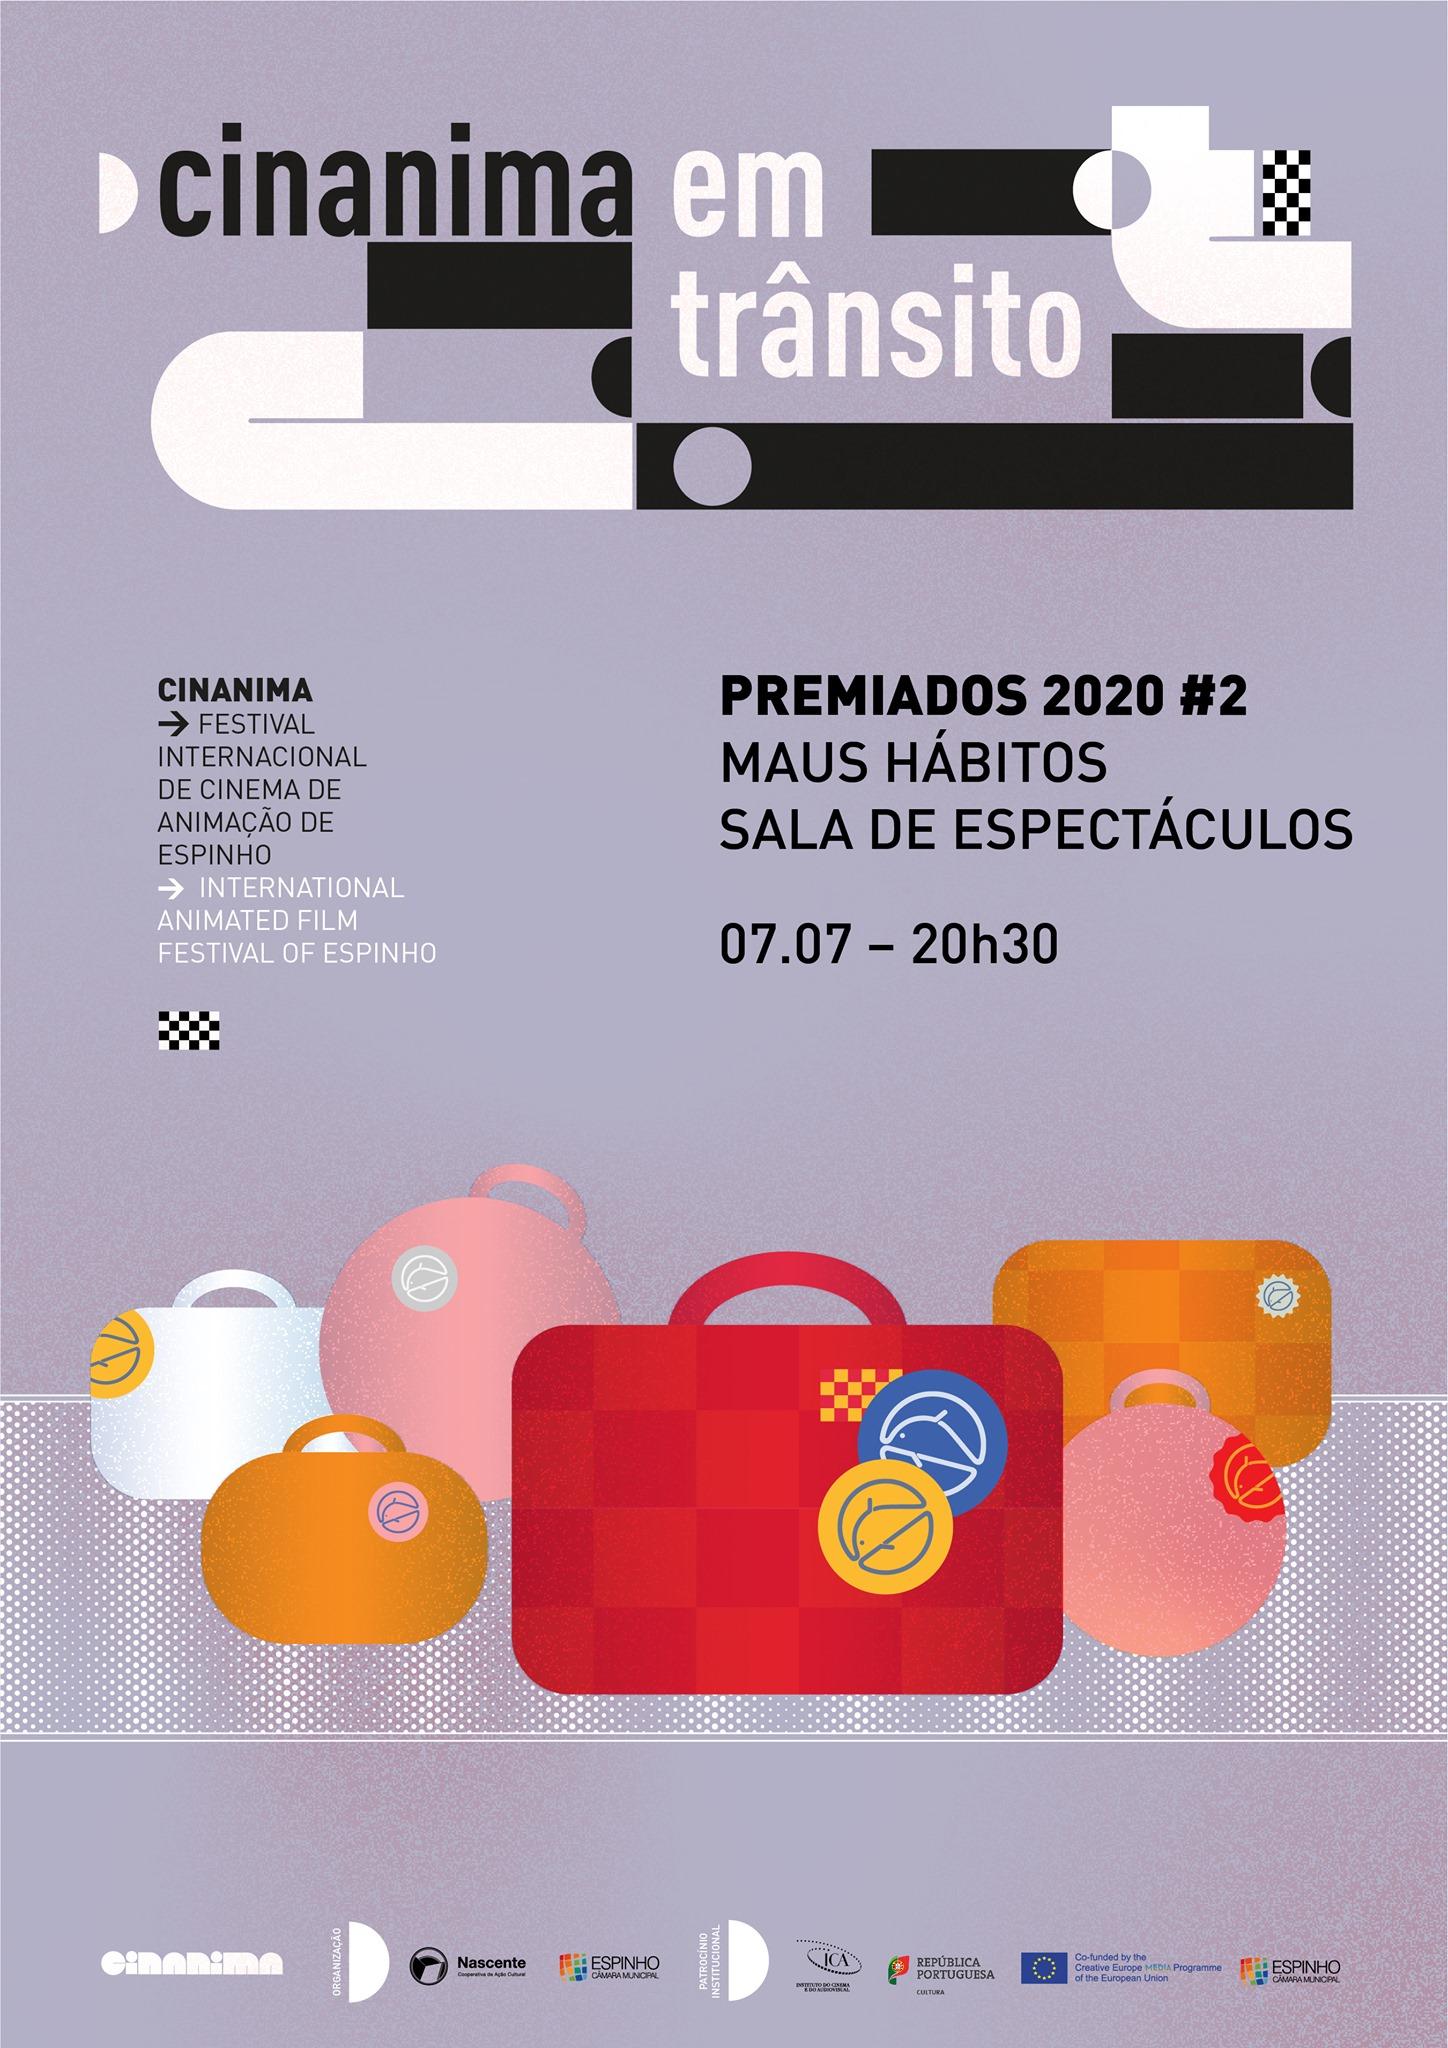 CINANIMA EM TRÂNSITO / Premiados 2020 #02